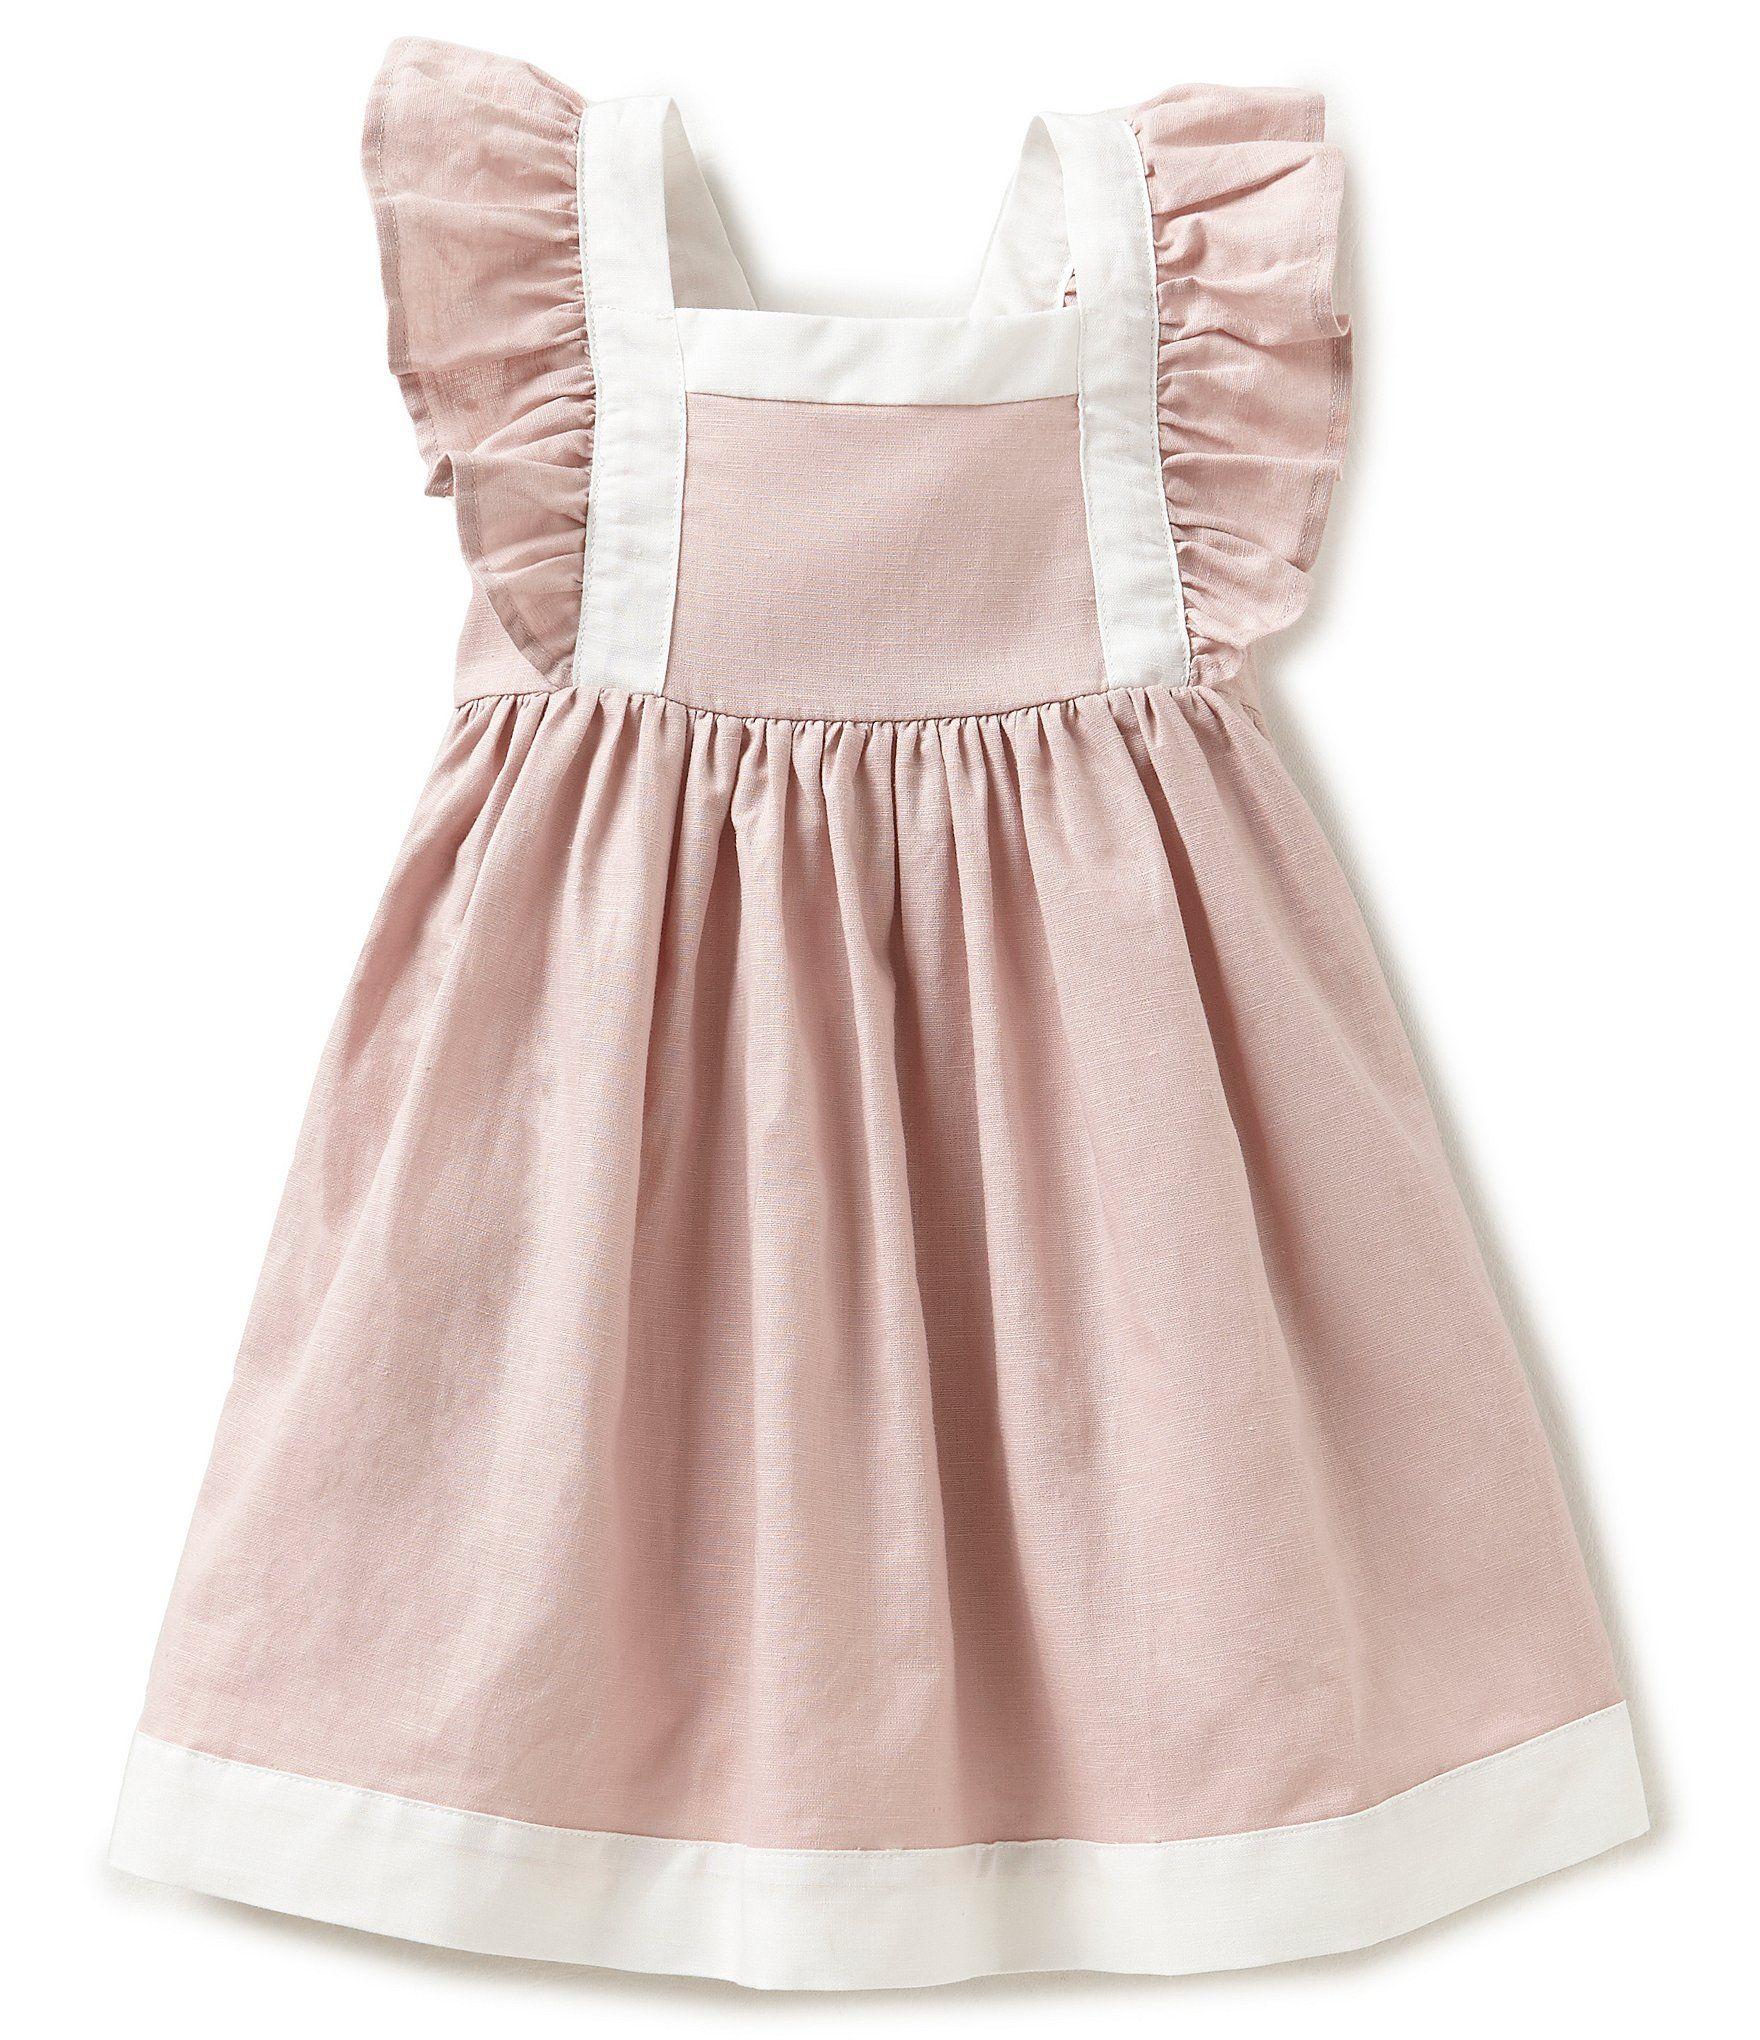 Edgehill collection little girls tt linen fluttersleeve dress